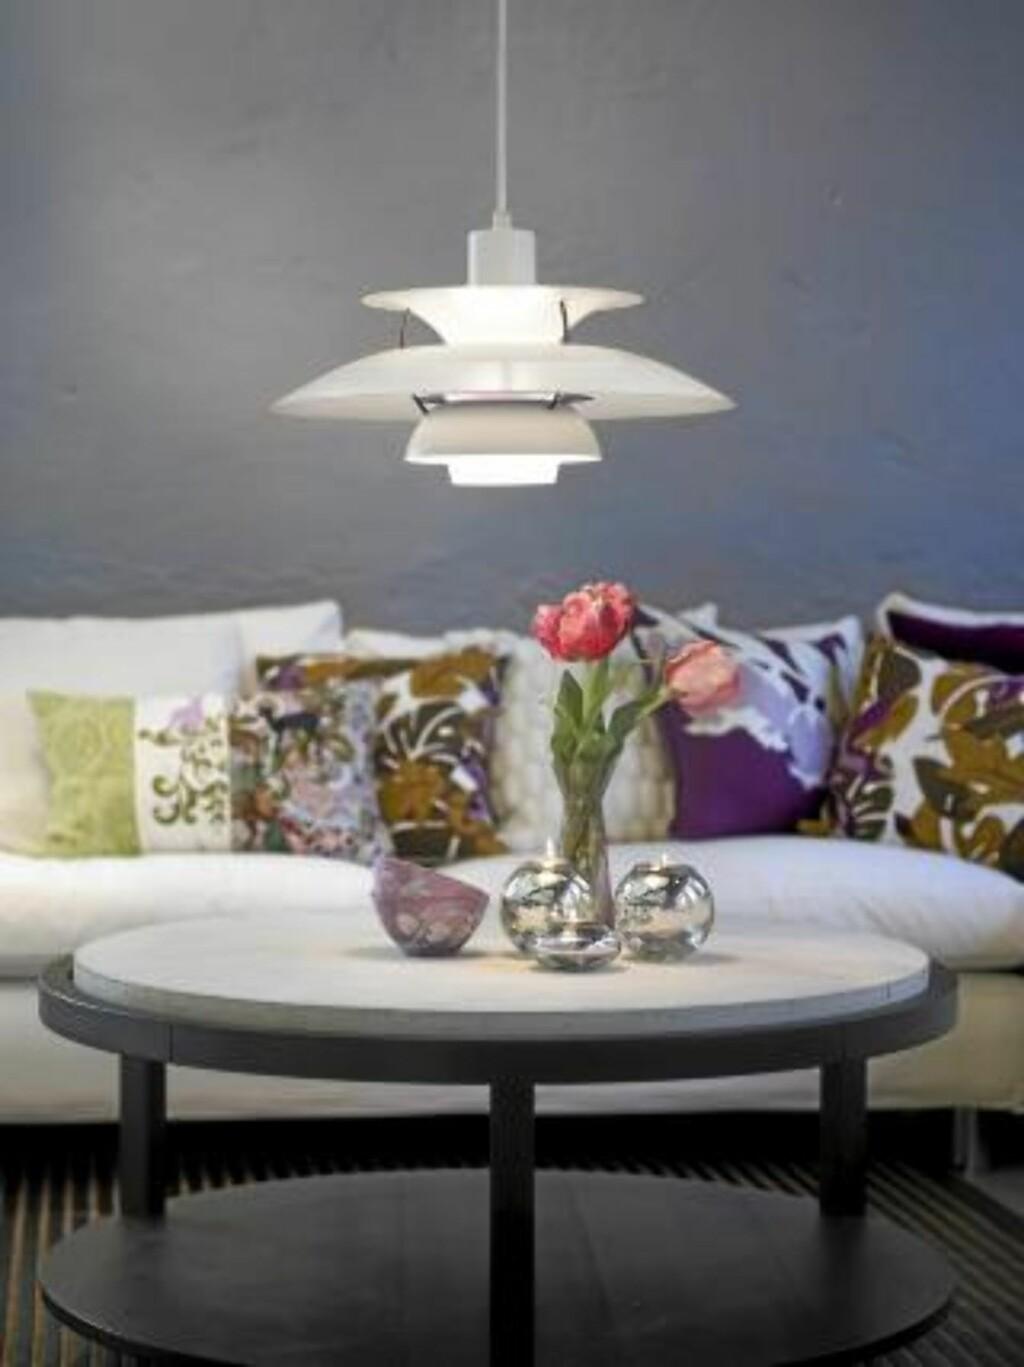 LYS i SONER: Mange glemmer at for eksempel en stue bør deles inn i soner - og belyses deretter. Godt lys over stuebordet er viktig.  FOTO: Frode Larsen